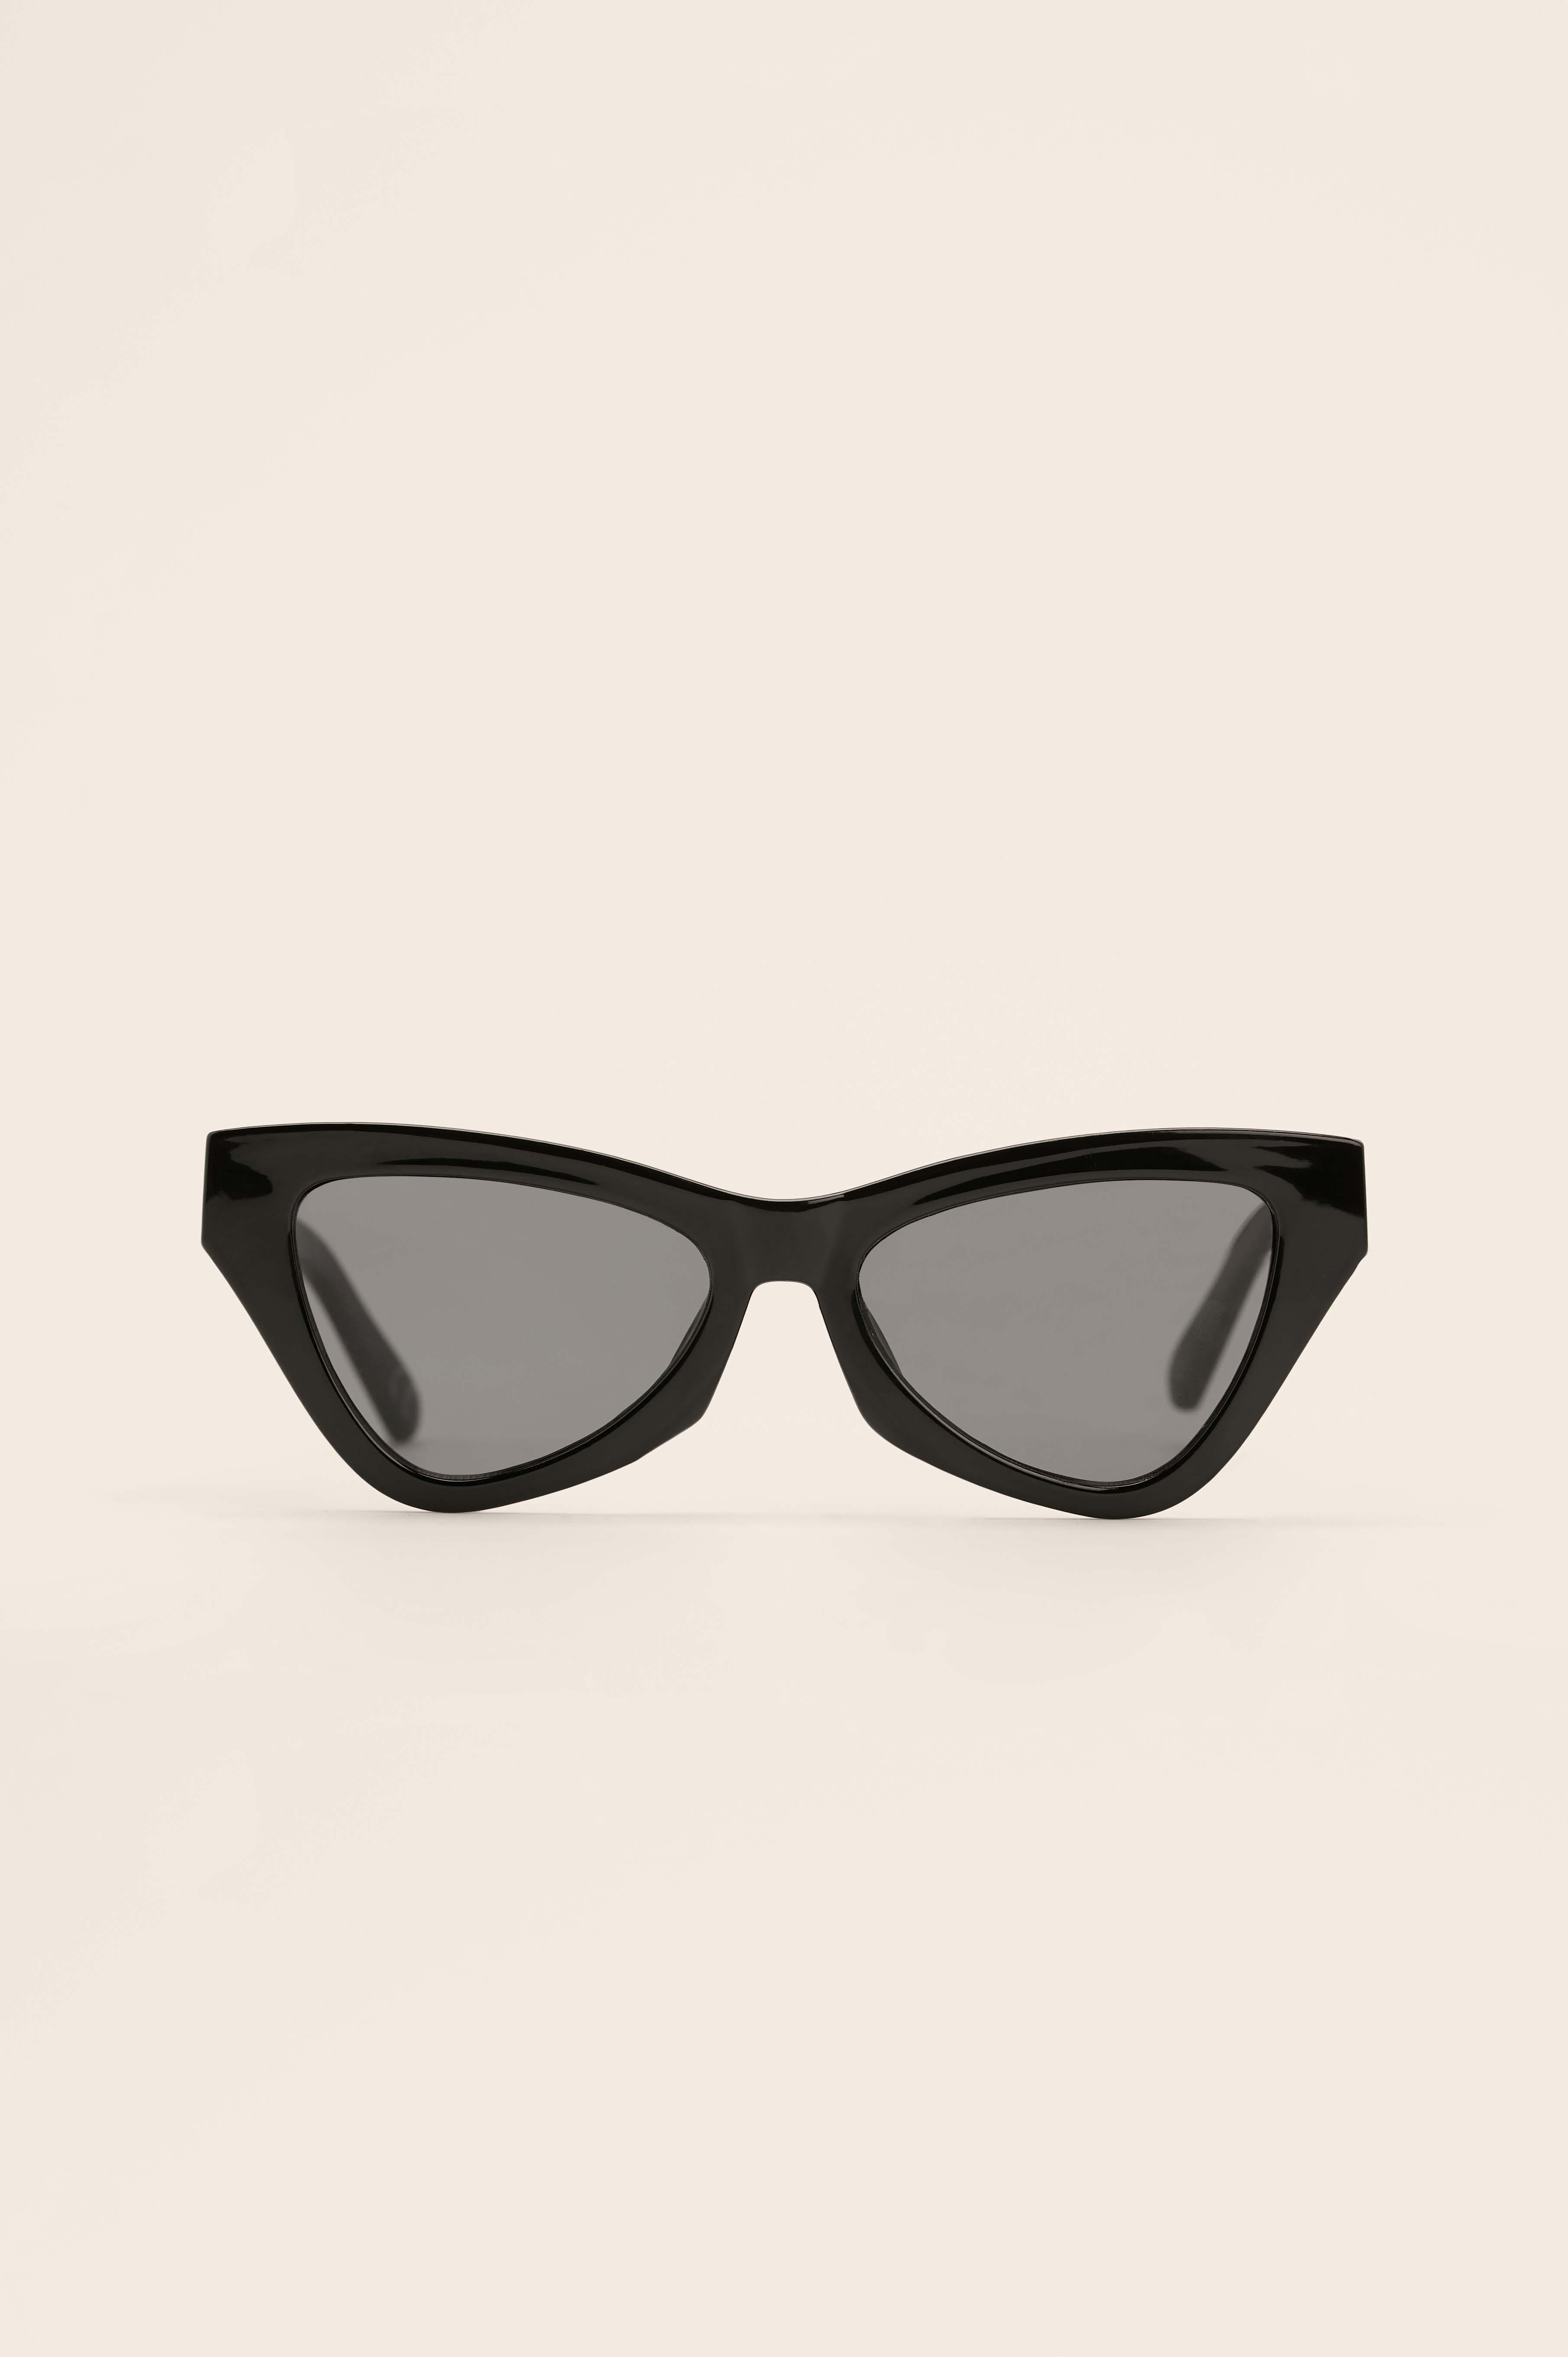 na-kd accessories -  Cateye-Sonnenbrille - Black